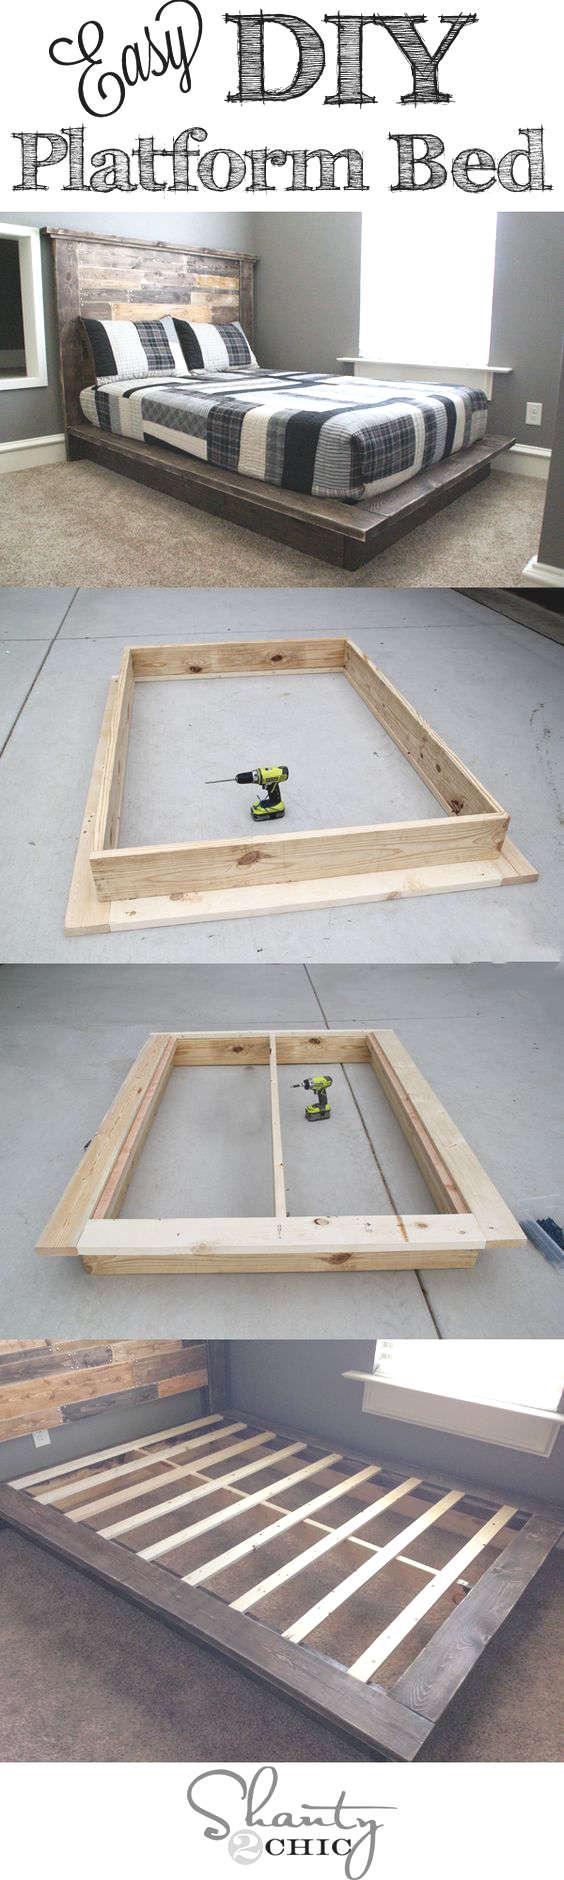 Diy Fabriquer Un Lit Plate Forme  # Fabriquer Un Classeur En Bois